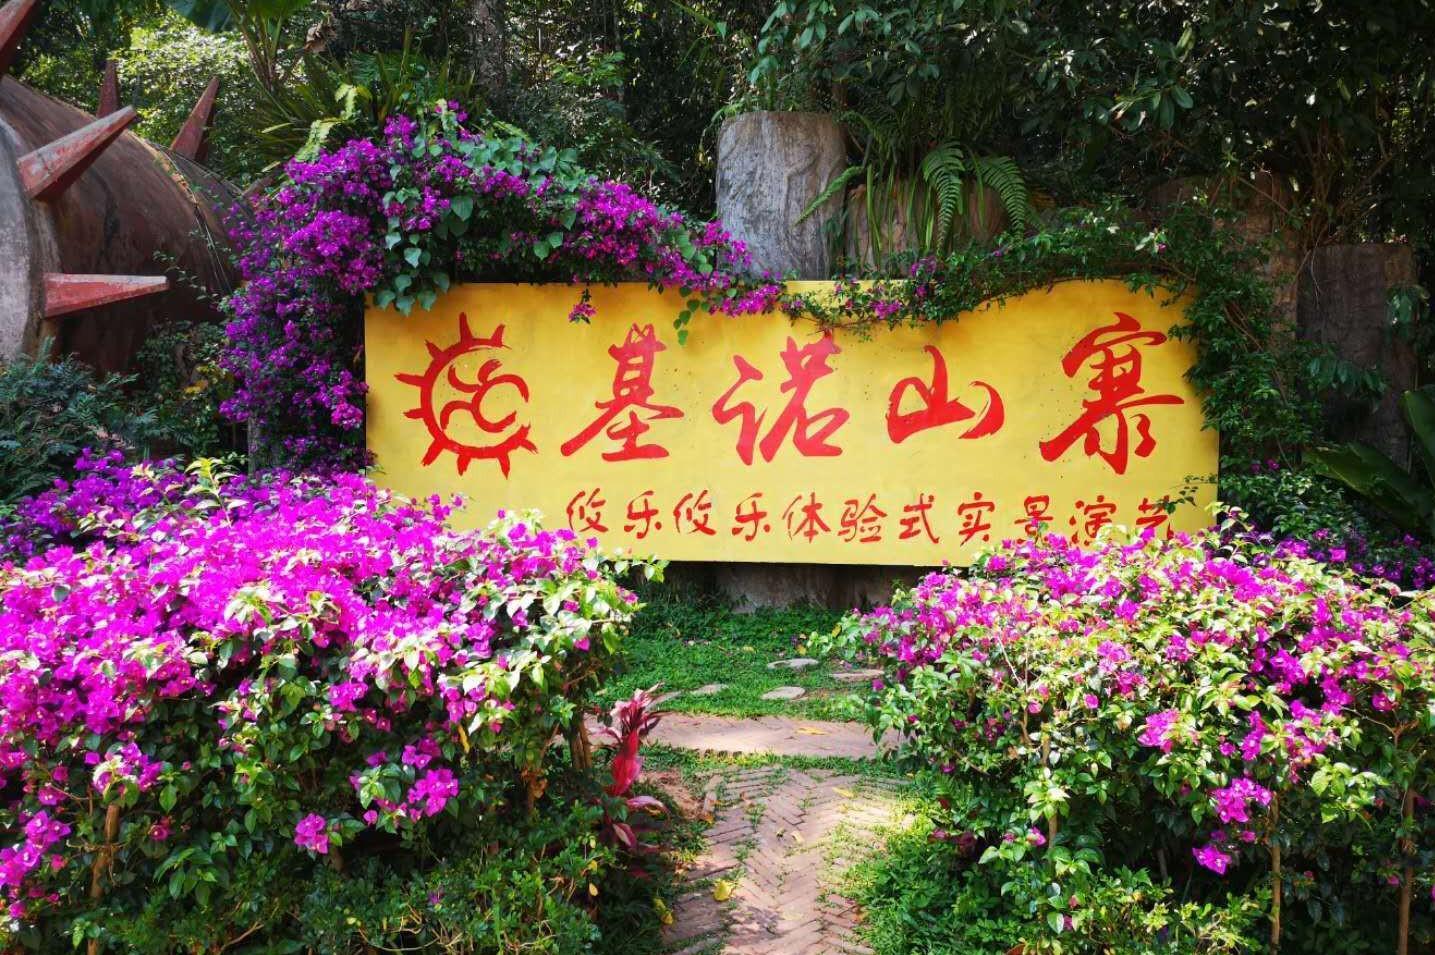 【1单1团】云南西双版纳 野象谷 基诺山寨 植物园 大佛寺5日游